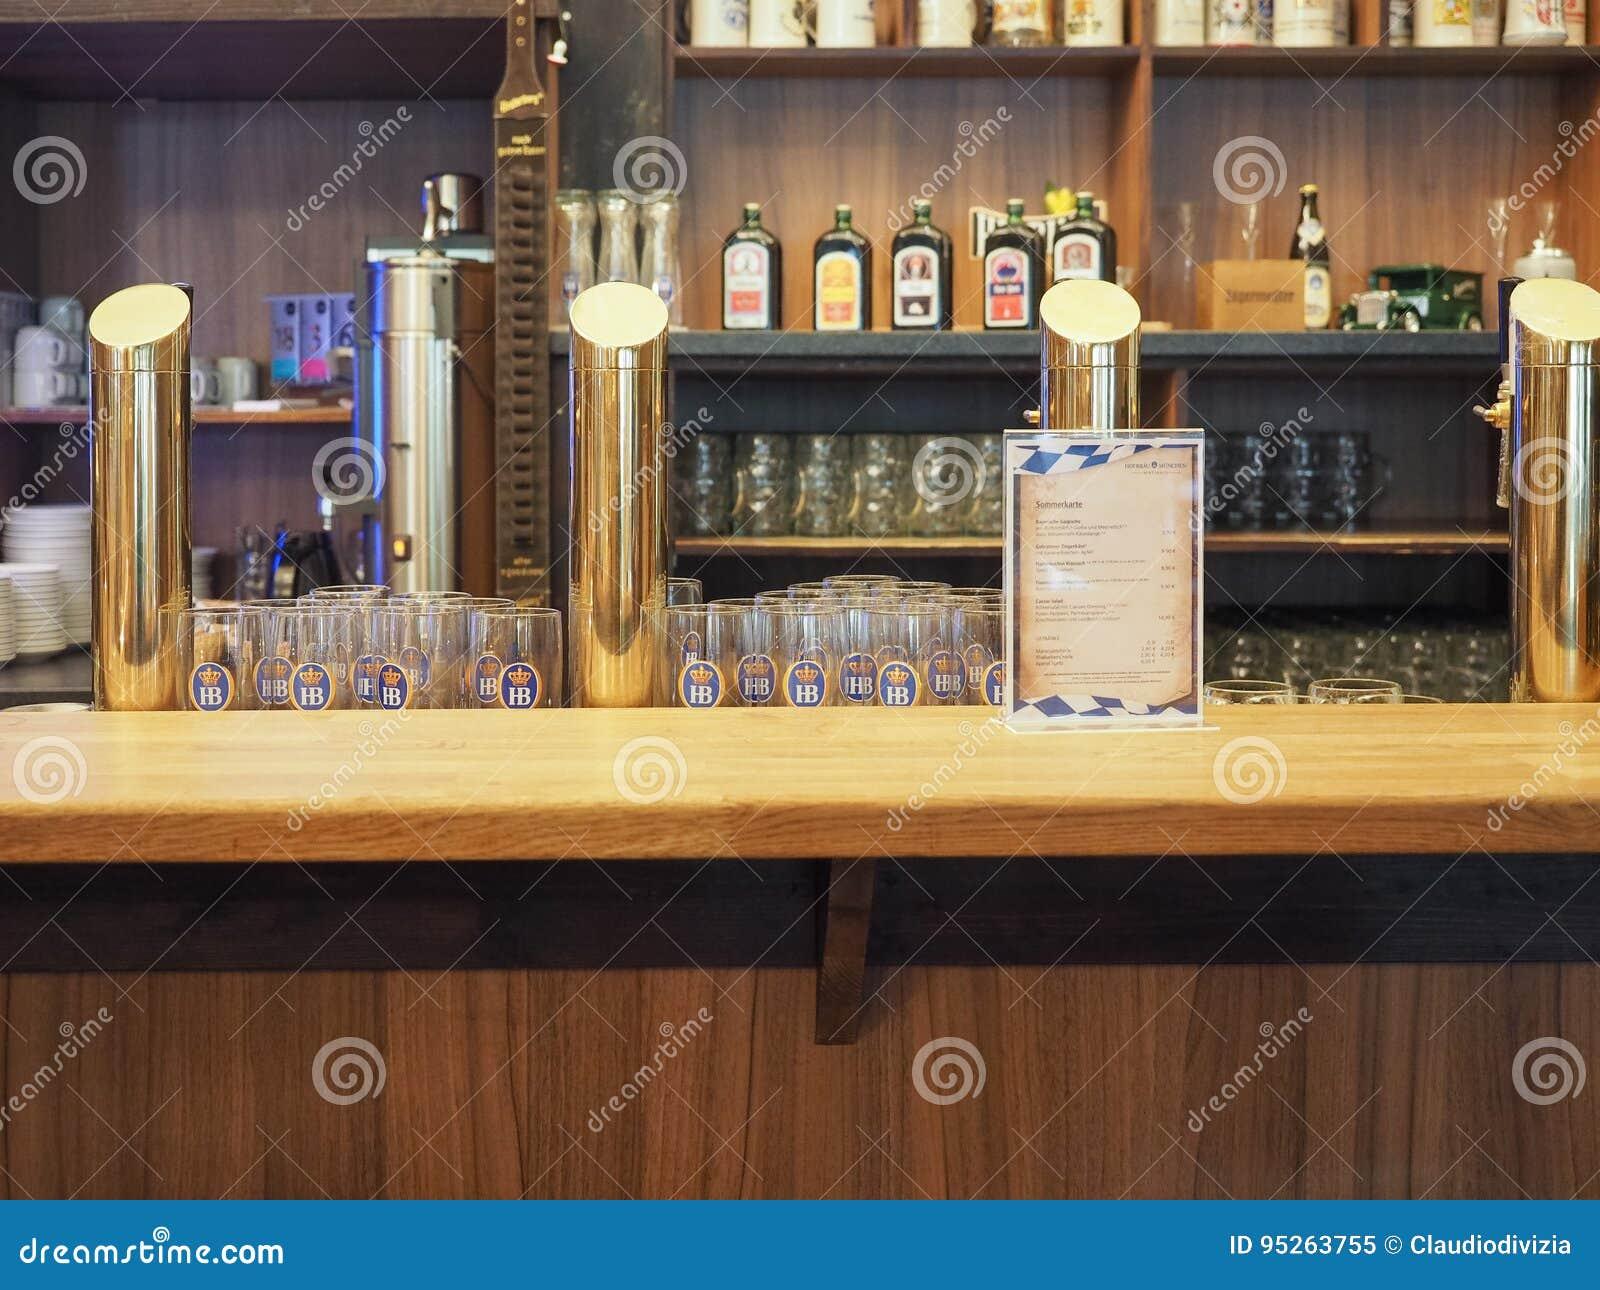 Bières en fûts à Hambourg